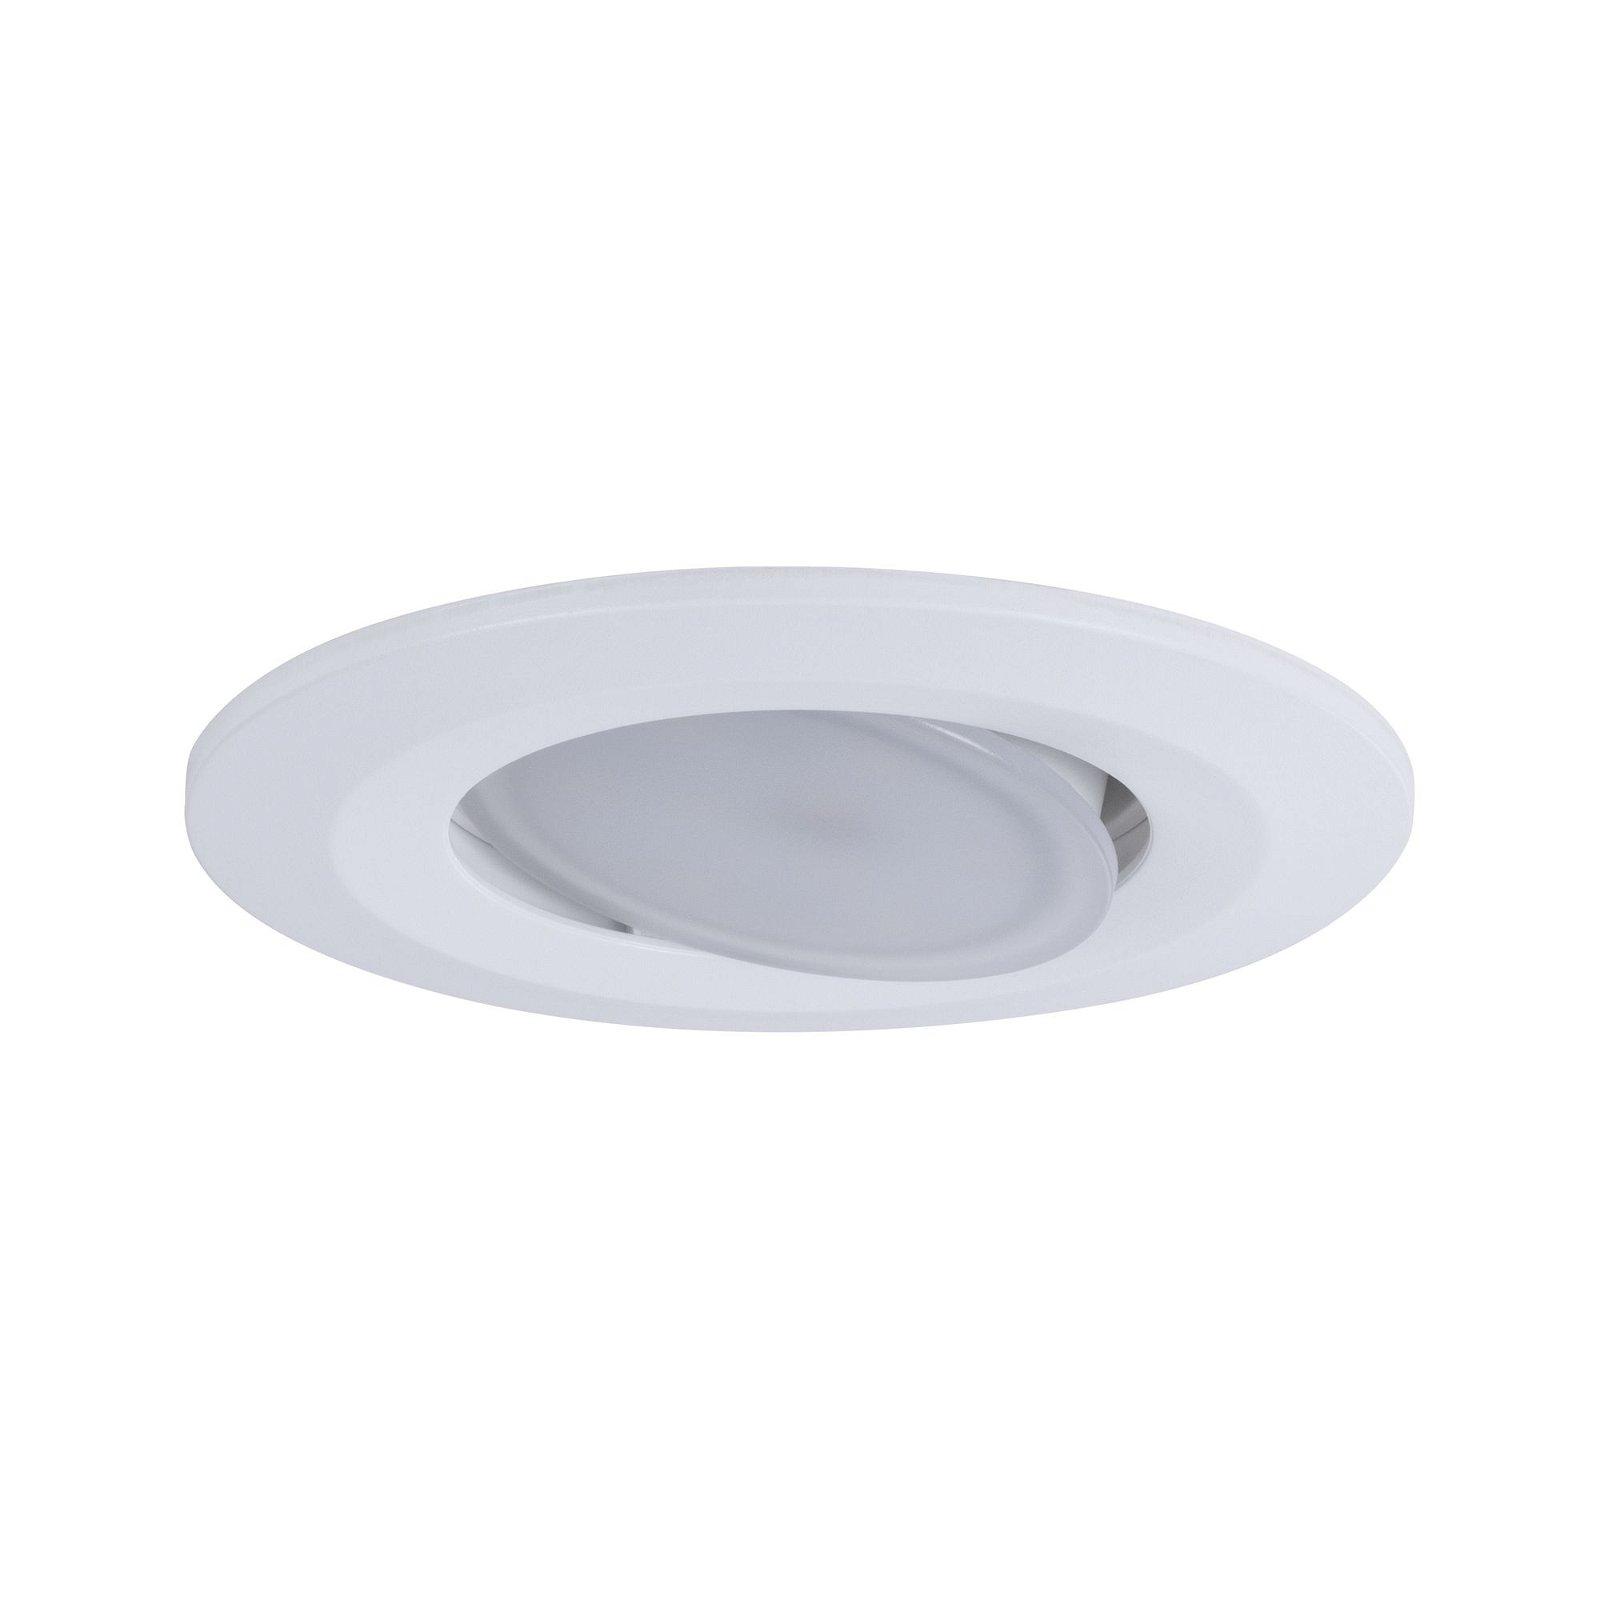 HomeSpa Spot encastré LED Calla Kit de 3 orientable IP65 rond 90mm 30° 5,5W 520lm 230V White Switch Blanc